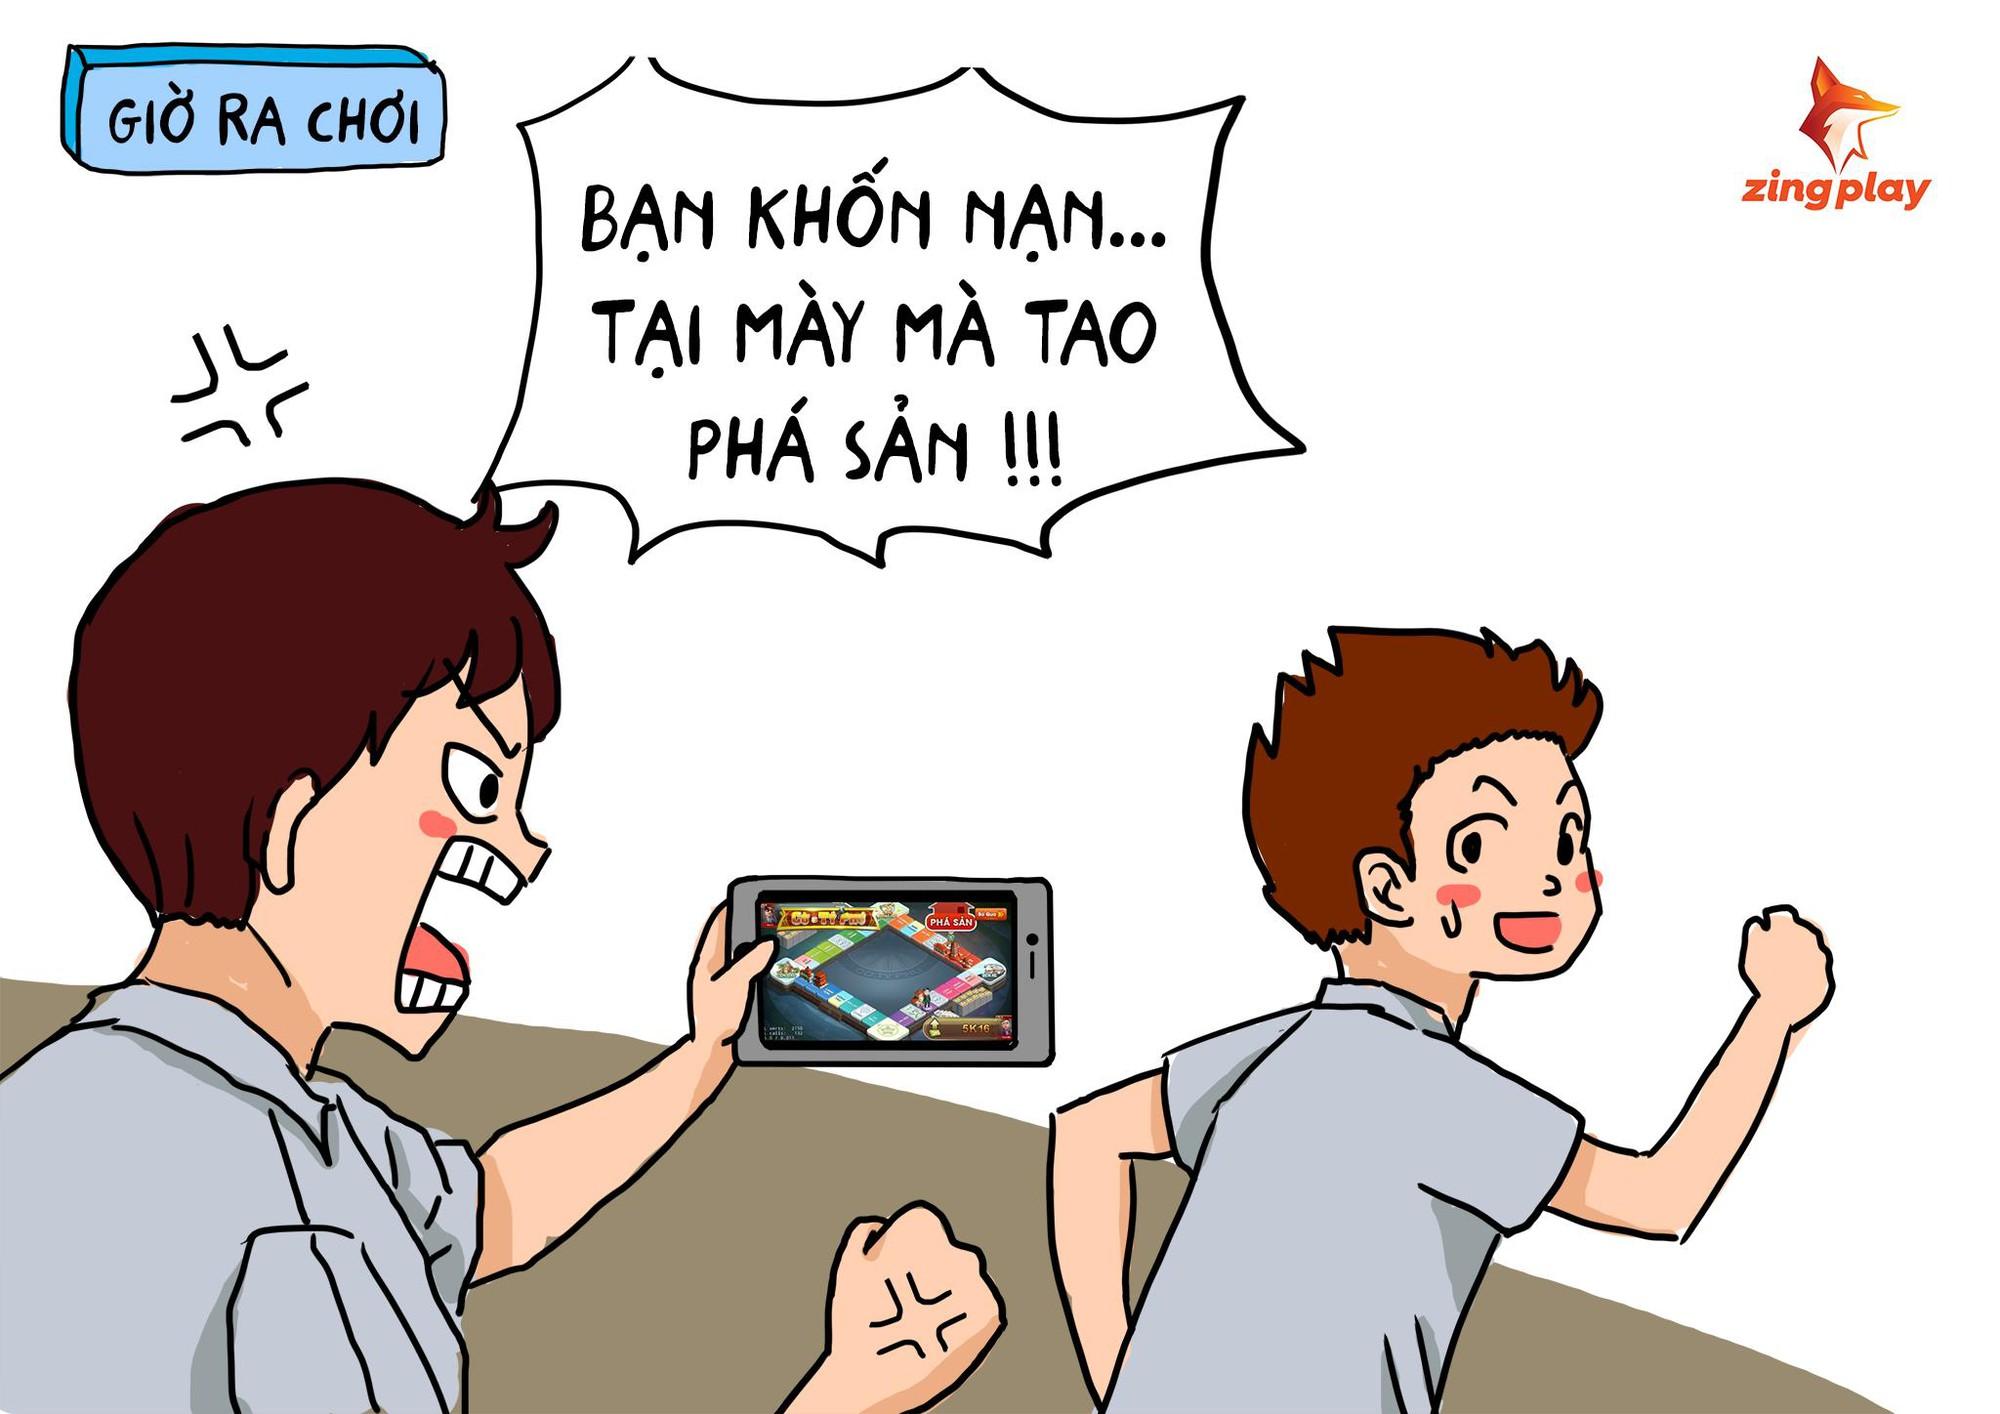 """Nhìn lại """"tuổi thơ dữ dội"""" của game thủ Việt bên cổng game giải trí ZingPlay - Ảnh 8."""